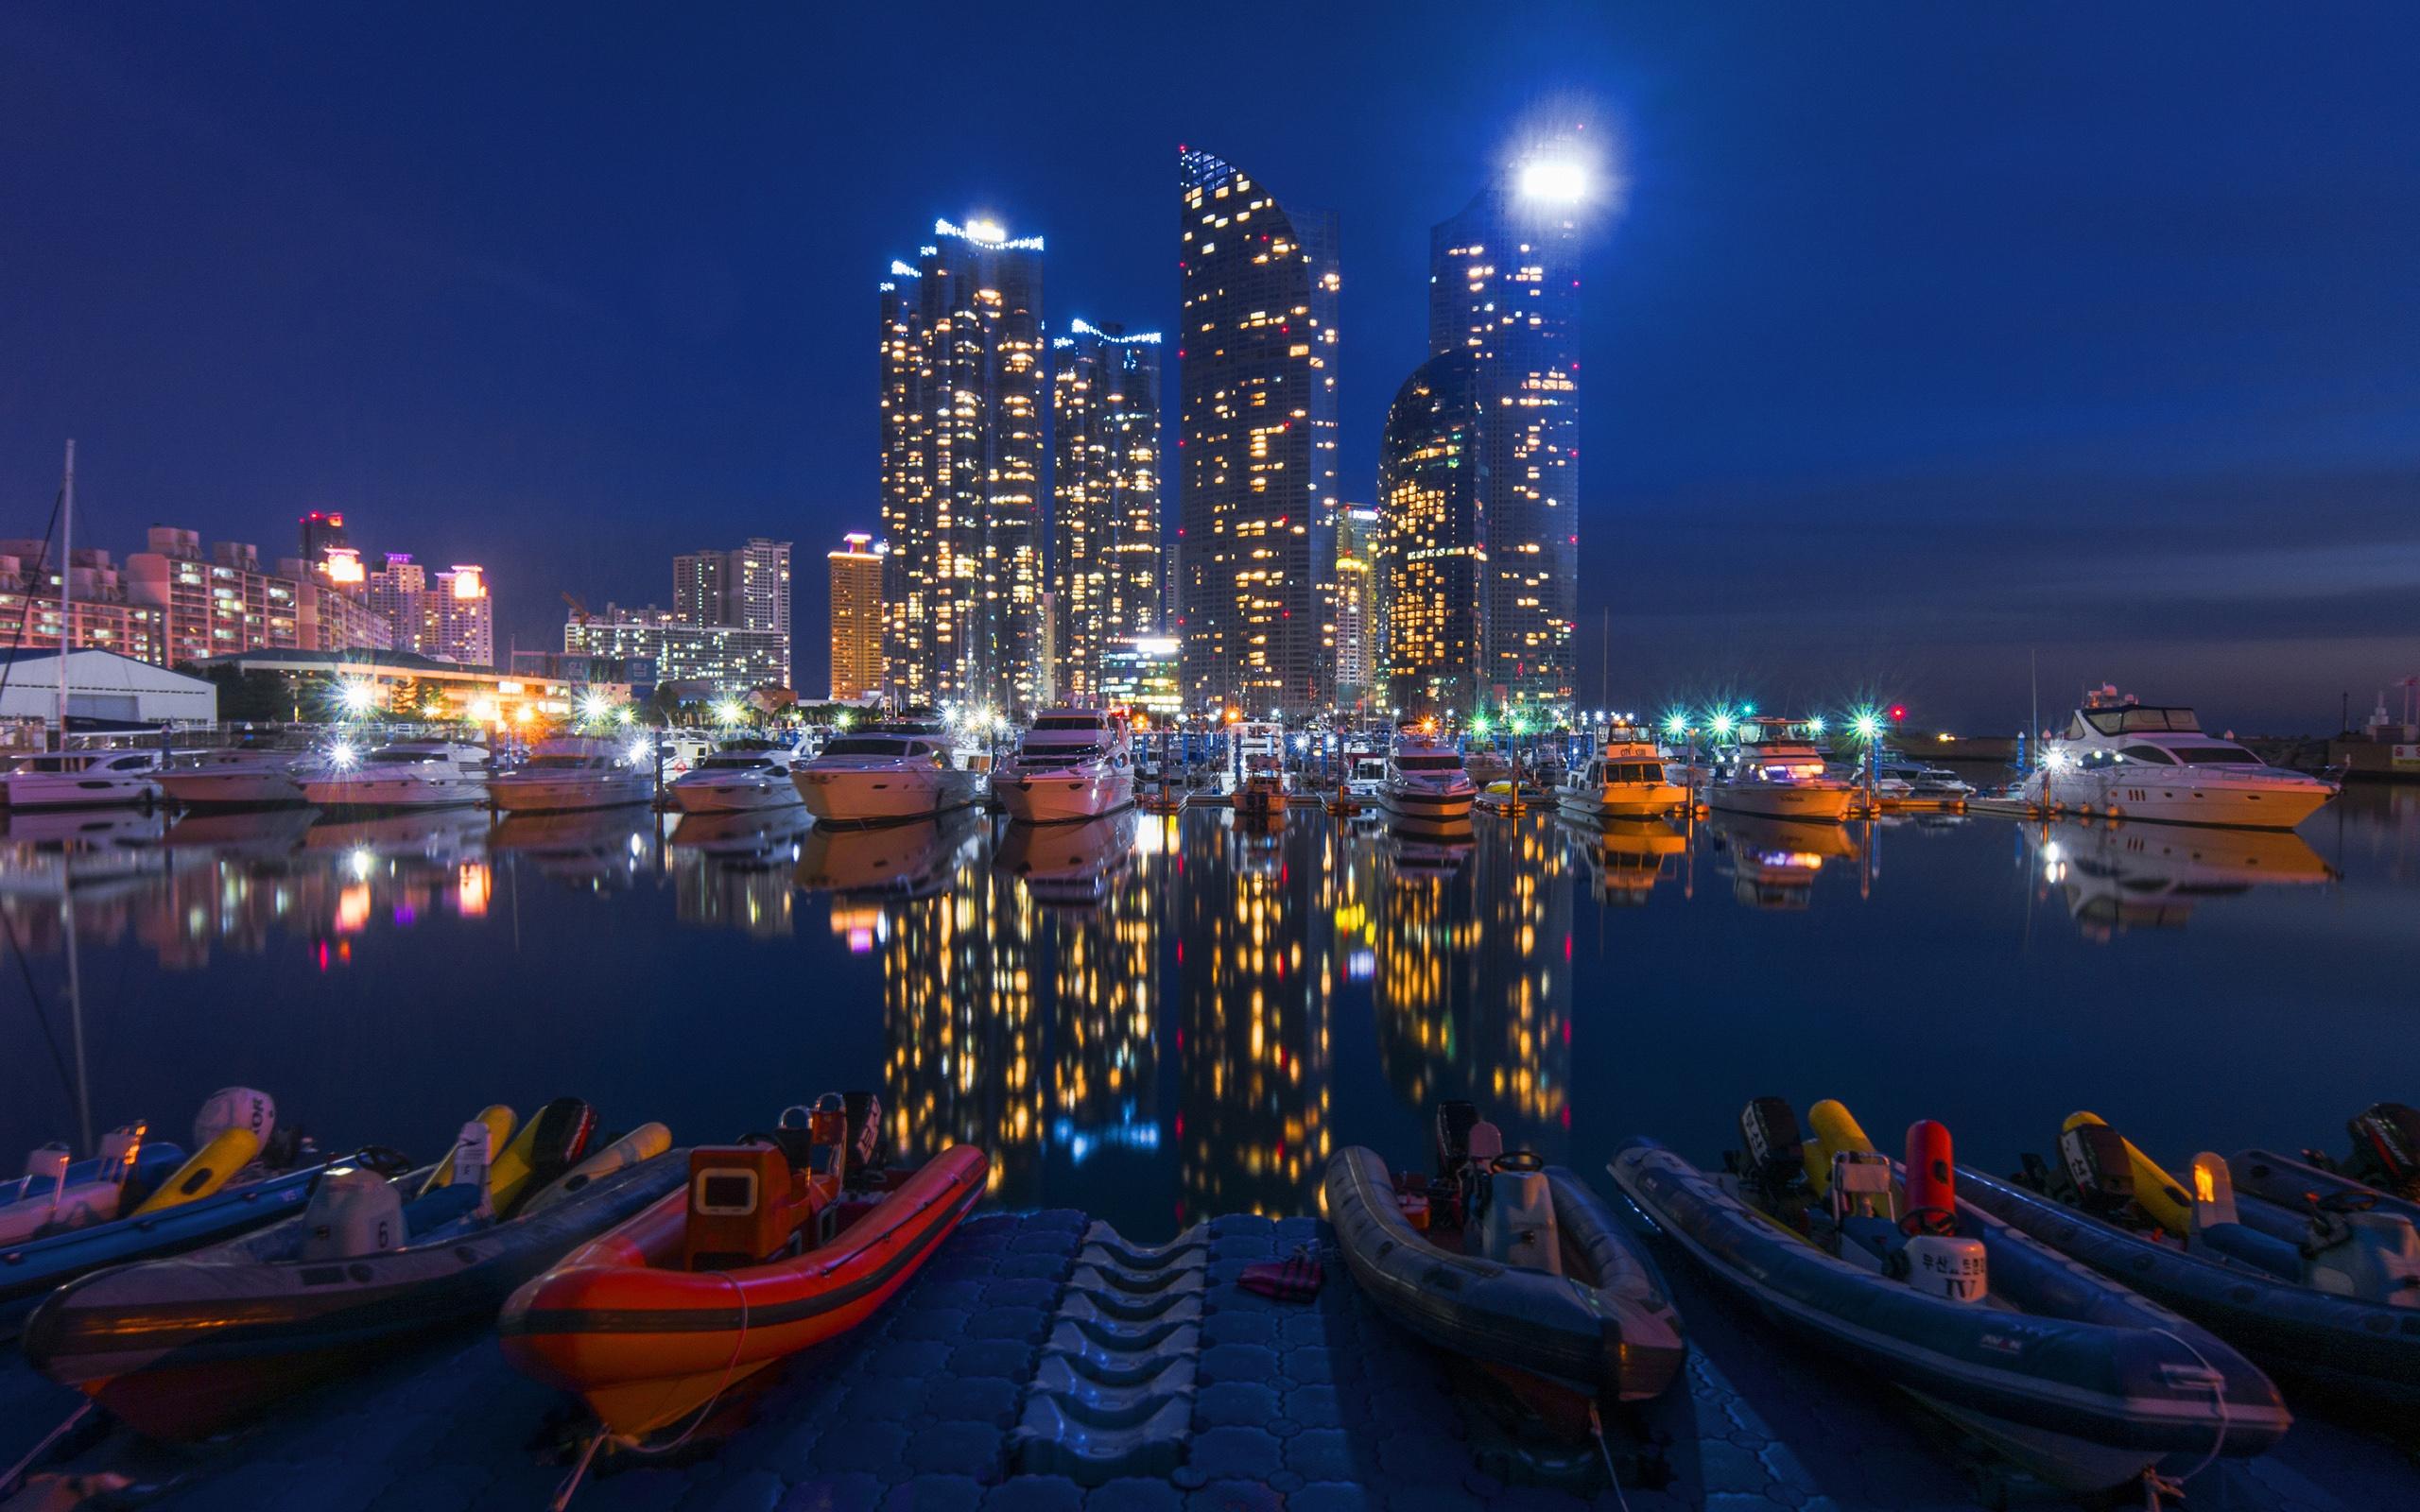 город ночь освещение отражение  № 3927601  скачать